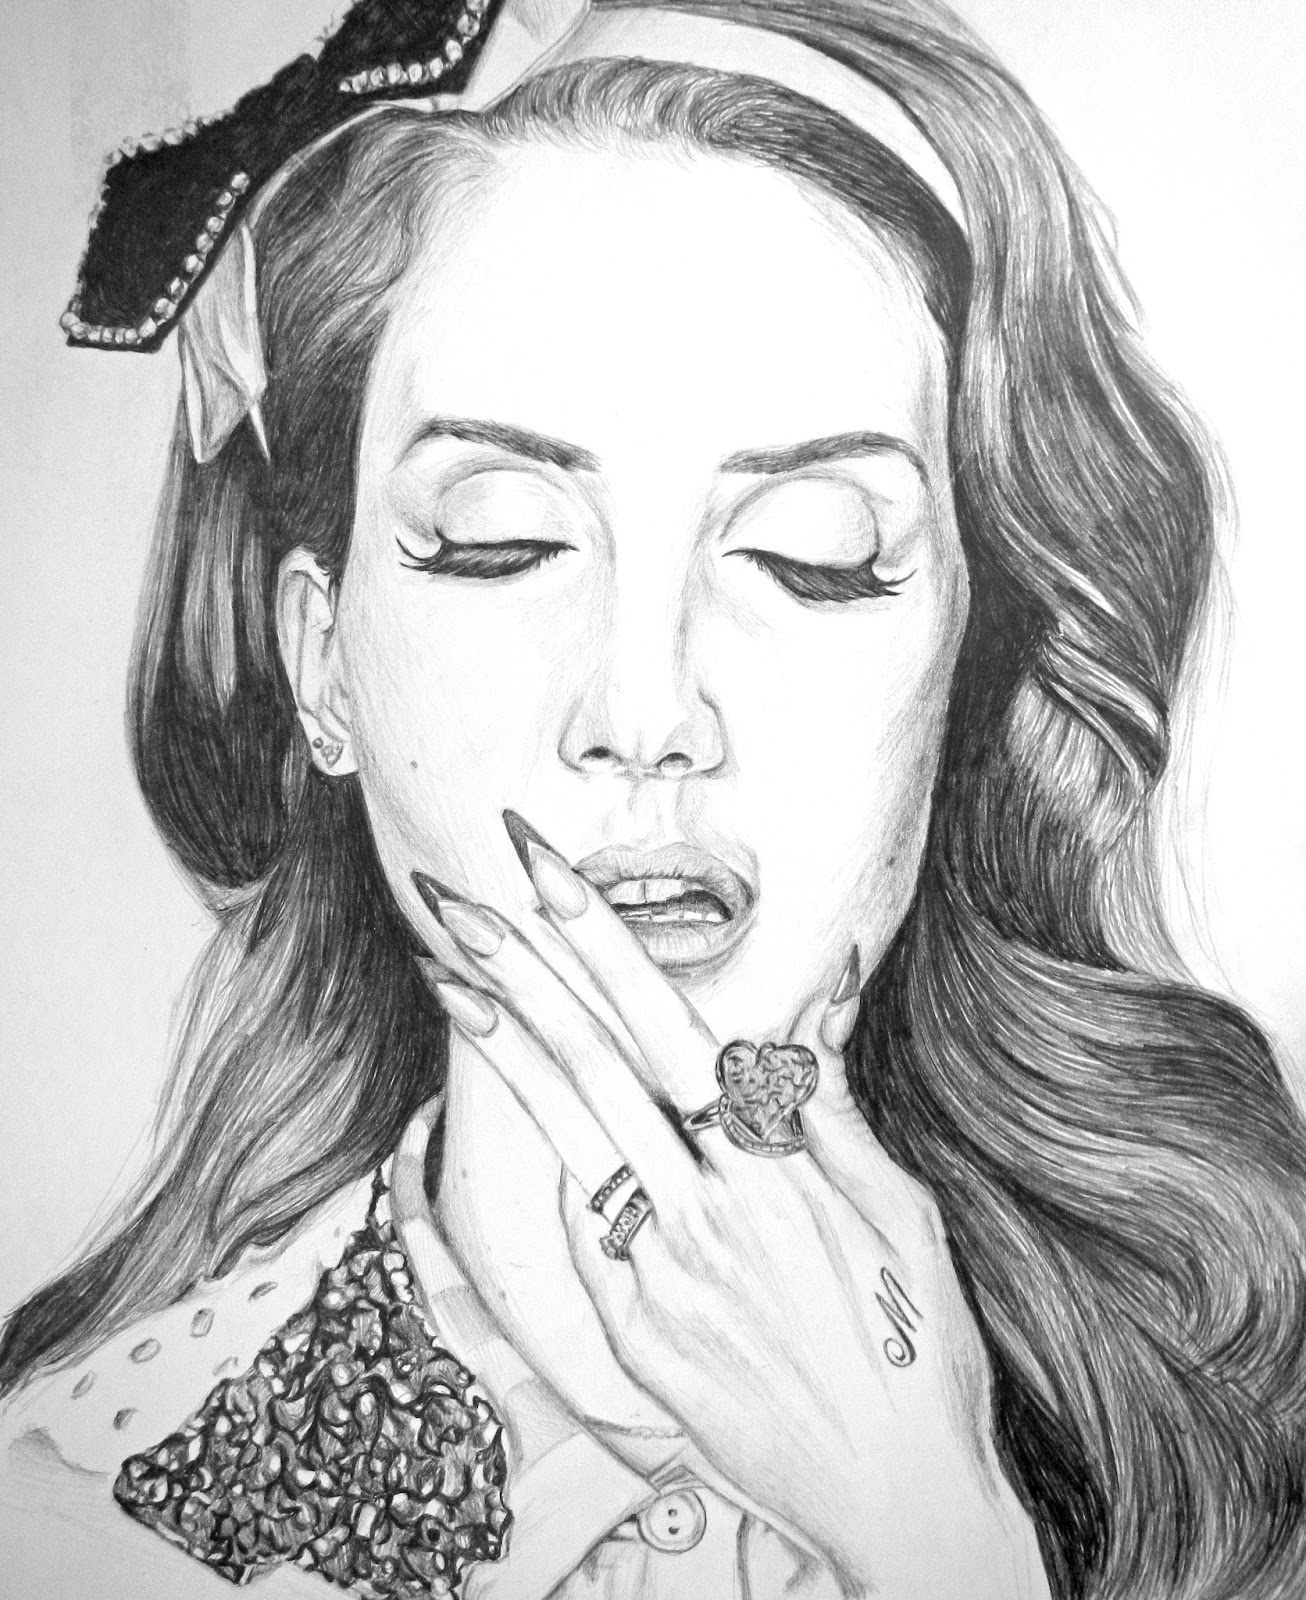 Lana Del Rey Yearbook Lana del rey brother Lana Del Rey Yearbook